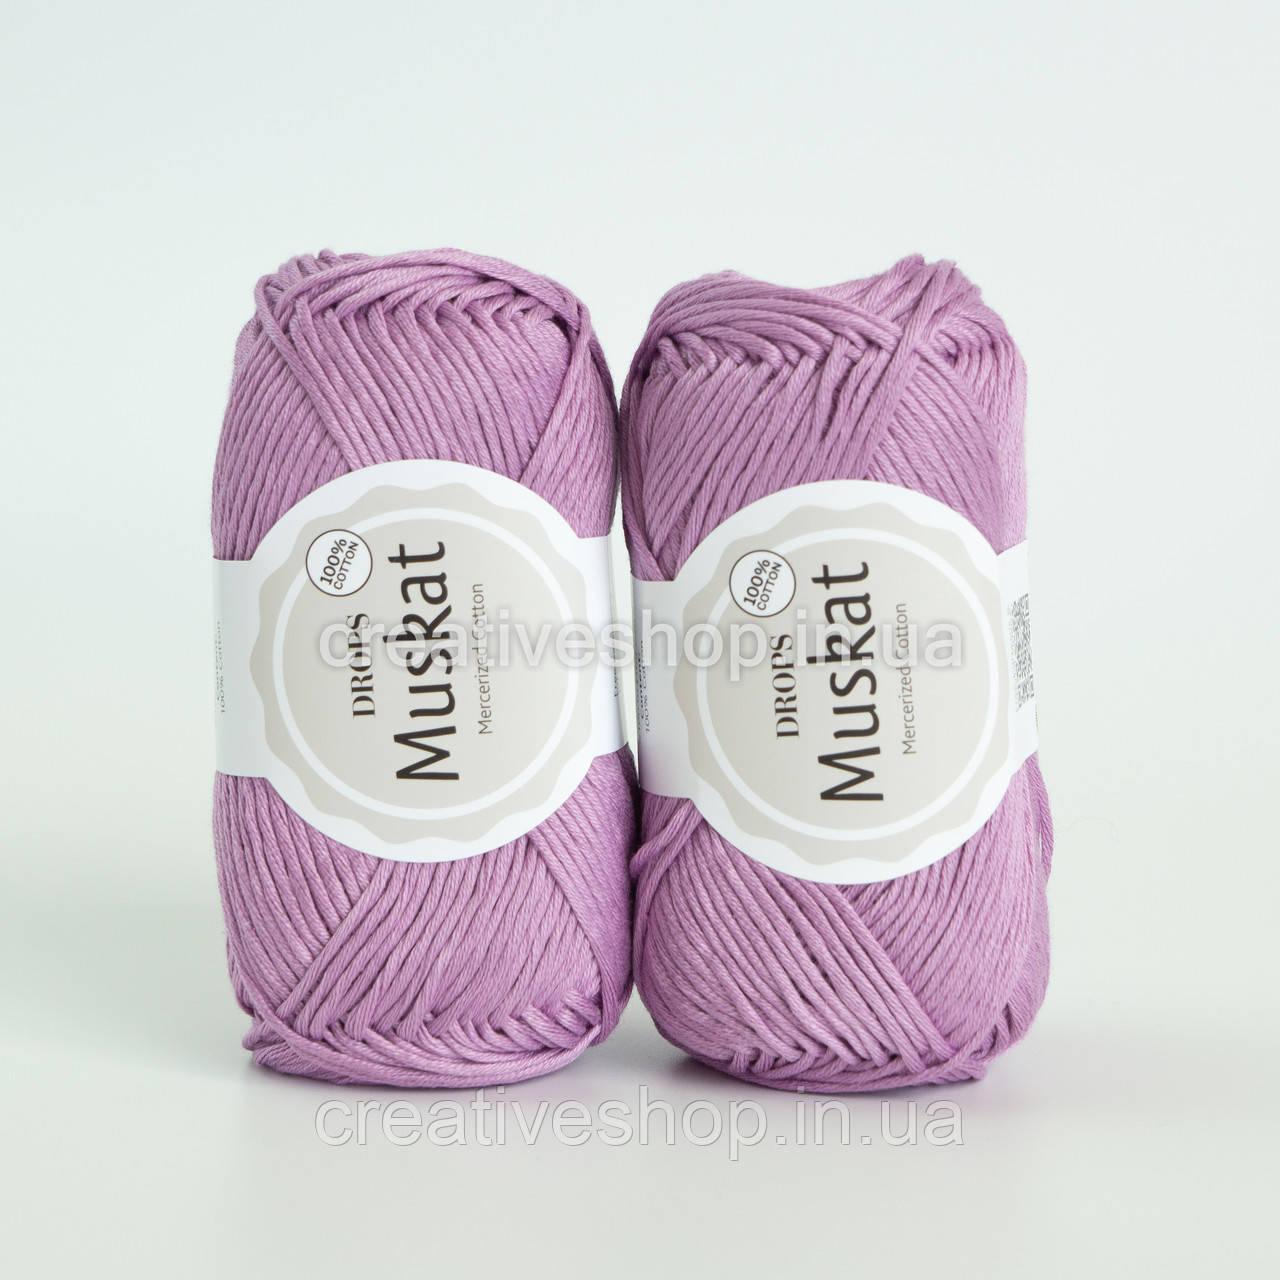 Пряжа DROPS Muskat (колір 04 lilac)